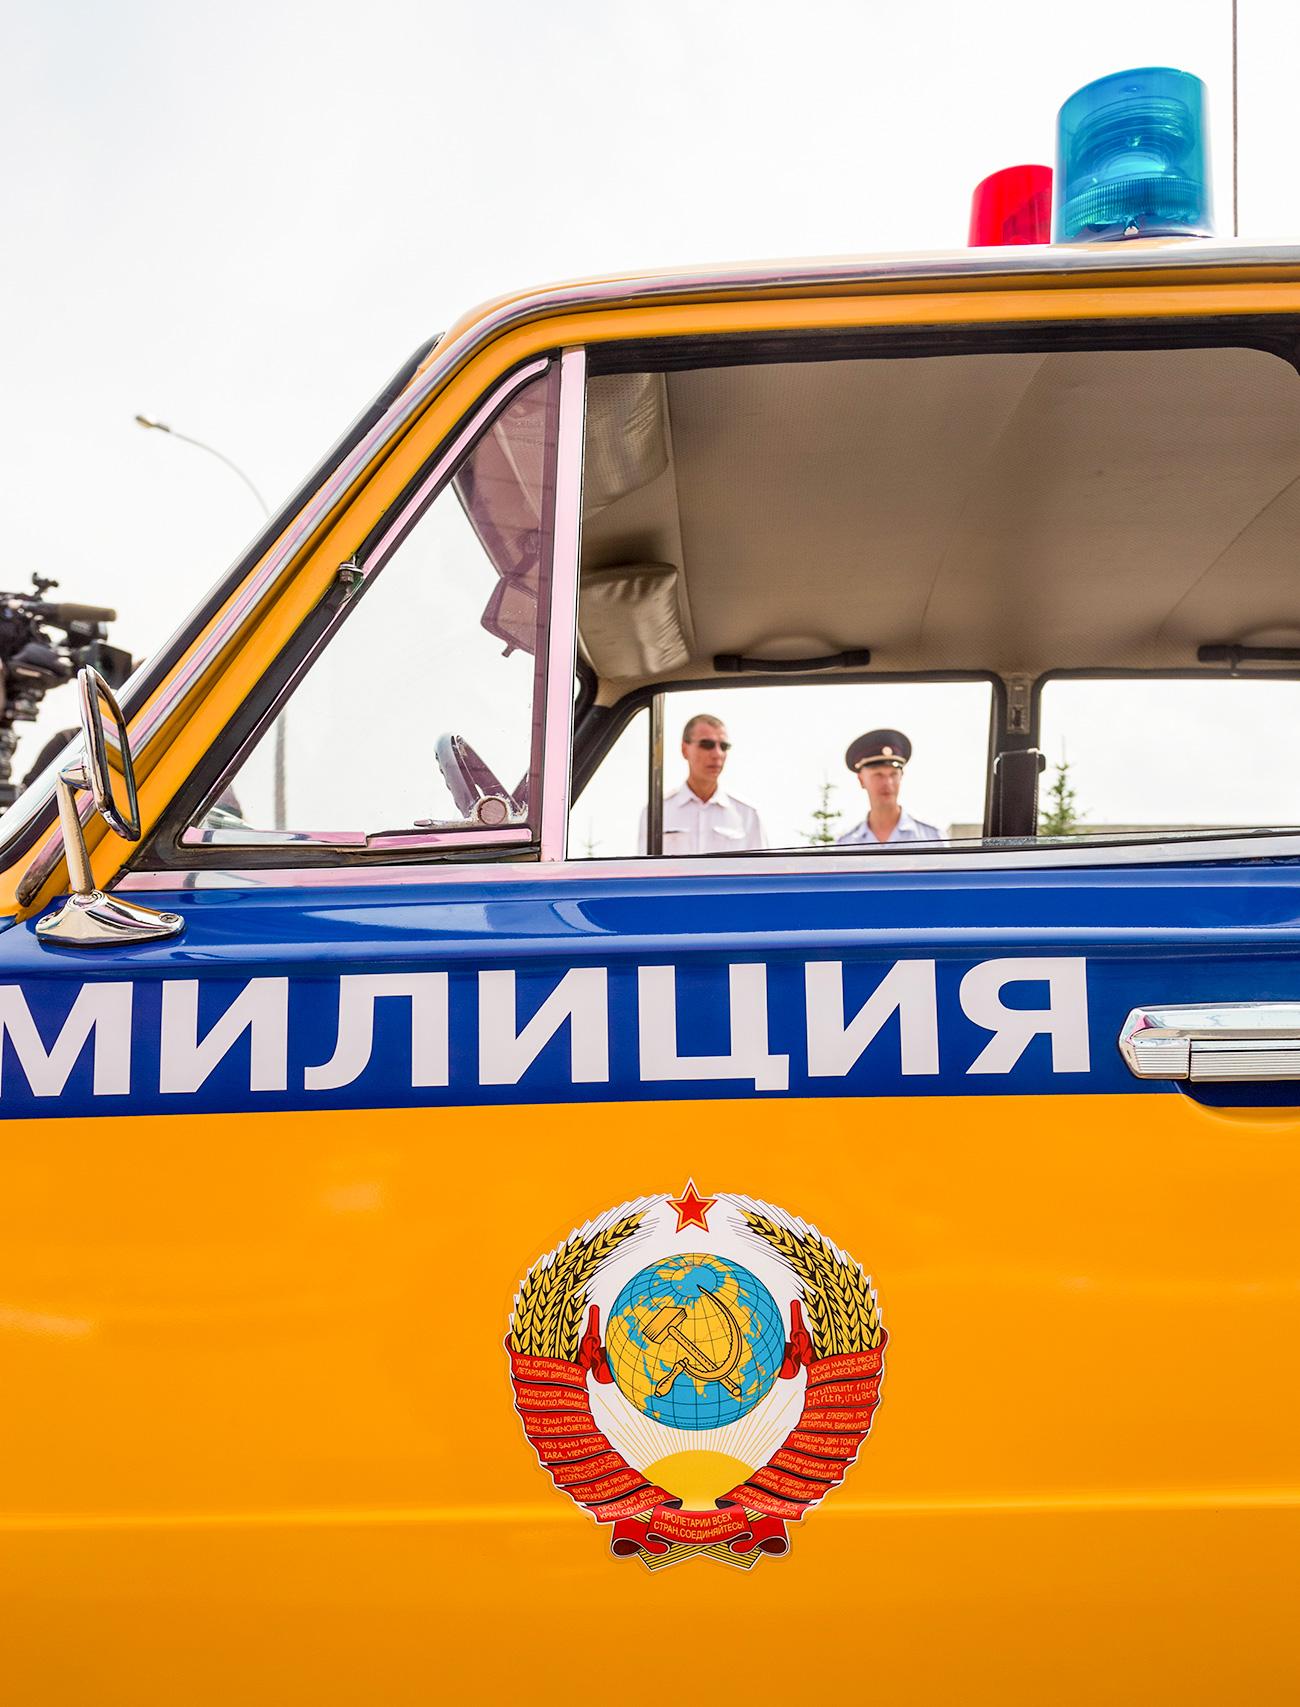 Sovjetski policijski avto med policijsko parado v Togliattiju ob 50. obletnici AvtoVAZ-a, 2016. Vir: Andrej Holmov/TASS